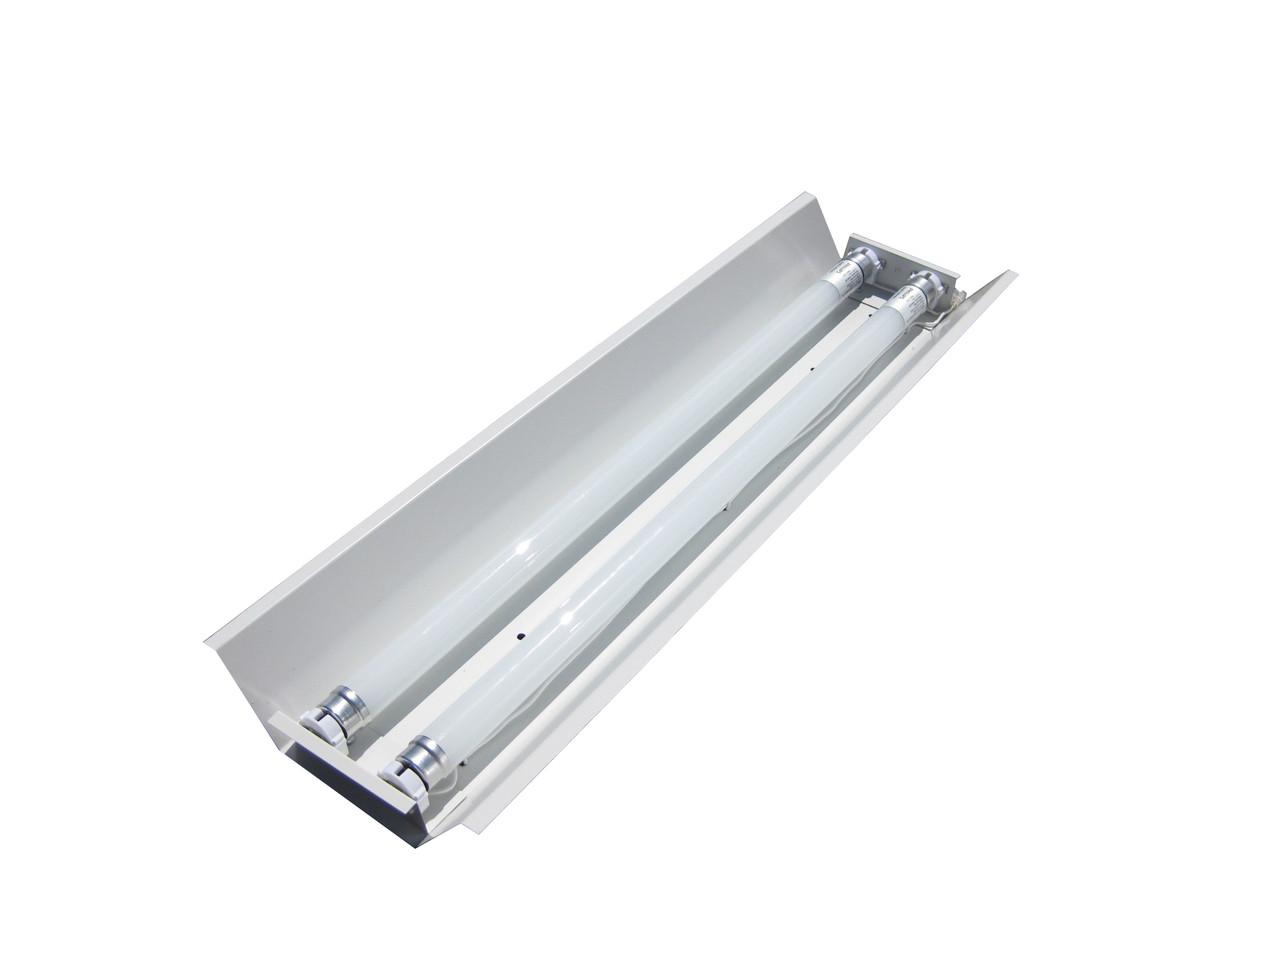 Светильник трассовый MSK Electric открытый под LED лампу Т8 2*600мм СПВ 02-600 СТАНДАРТ 613348